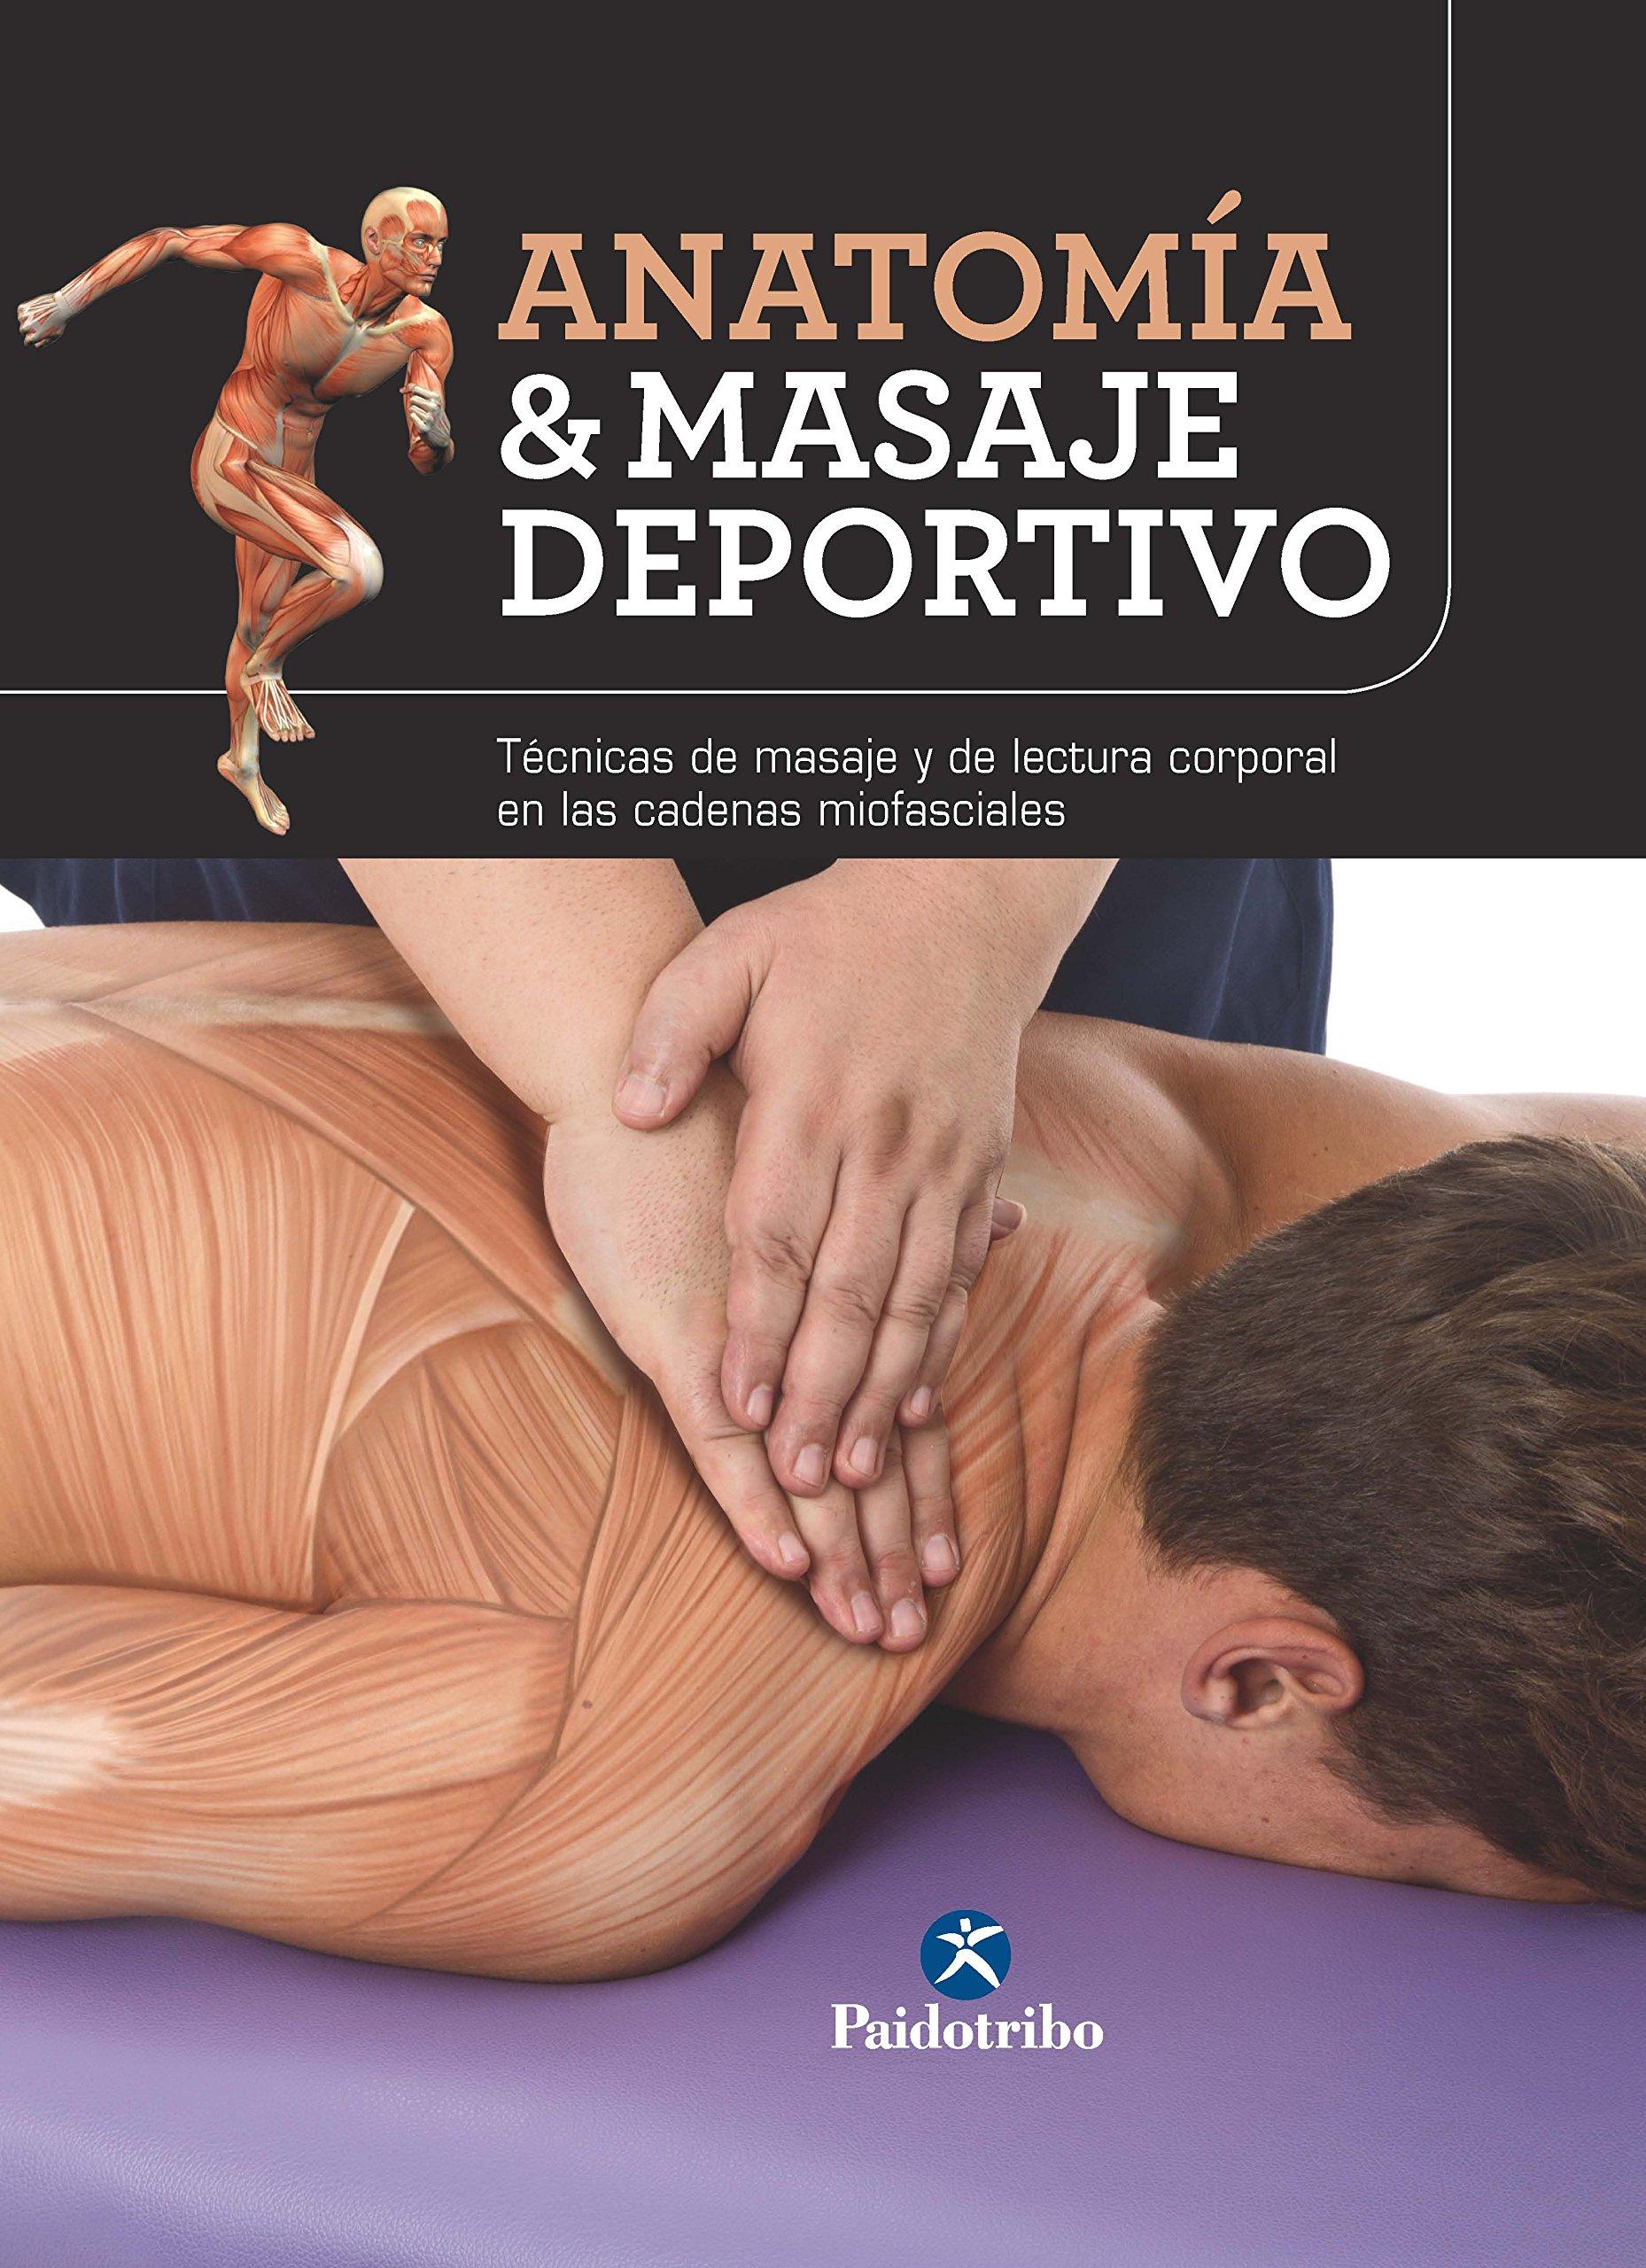 Anatomía & masaje deportivo: Edición en color